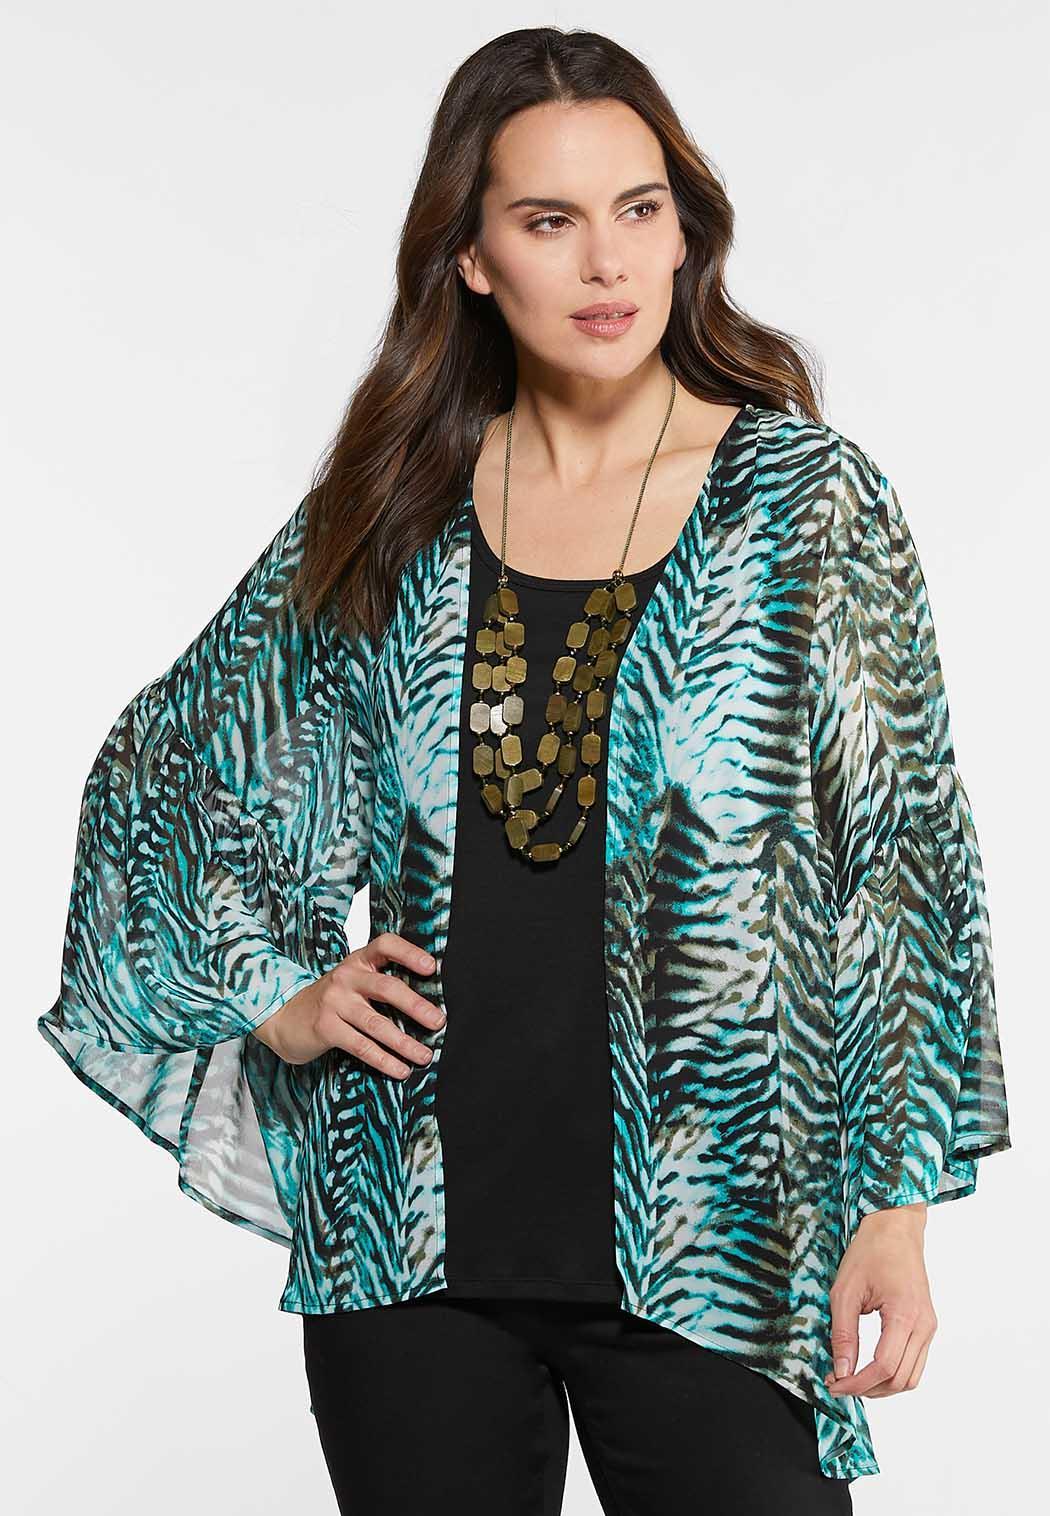 Teal Animal Print Kimono